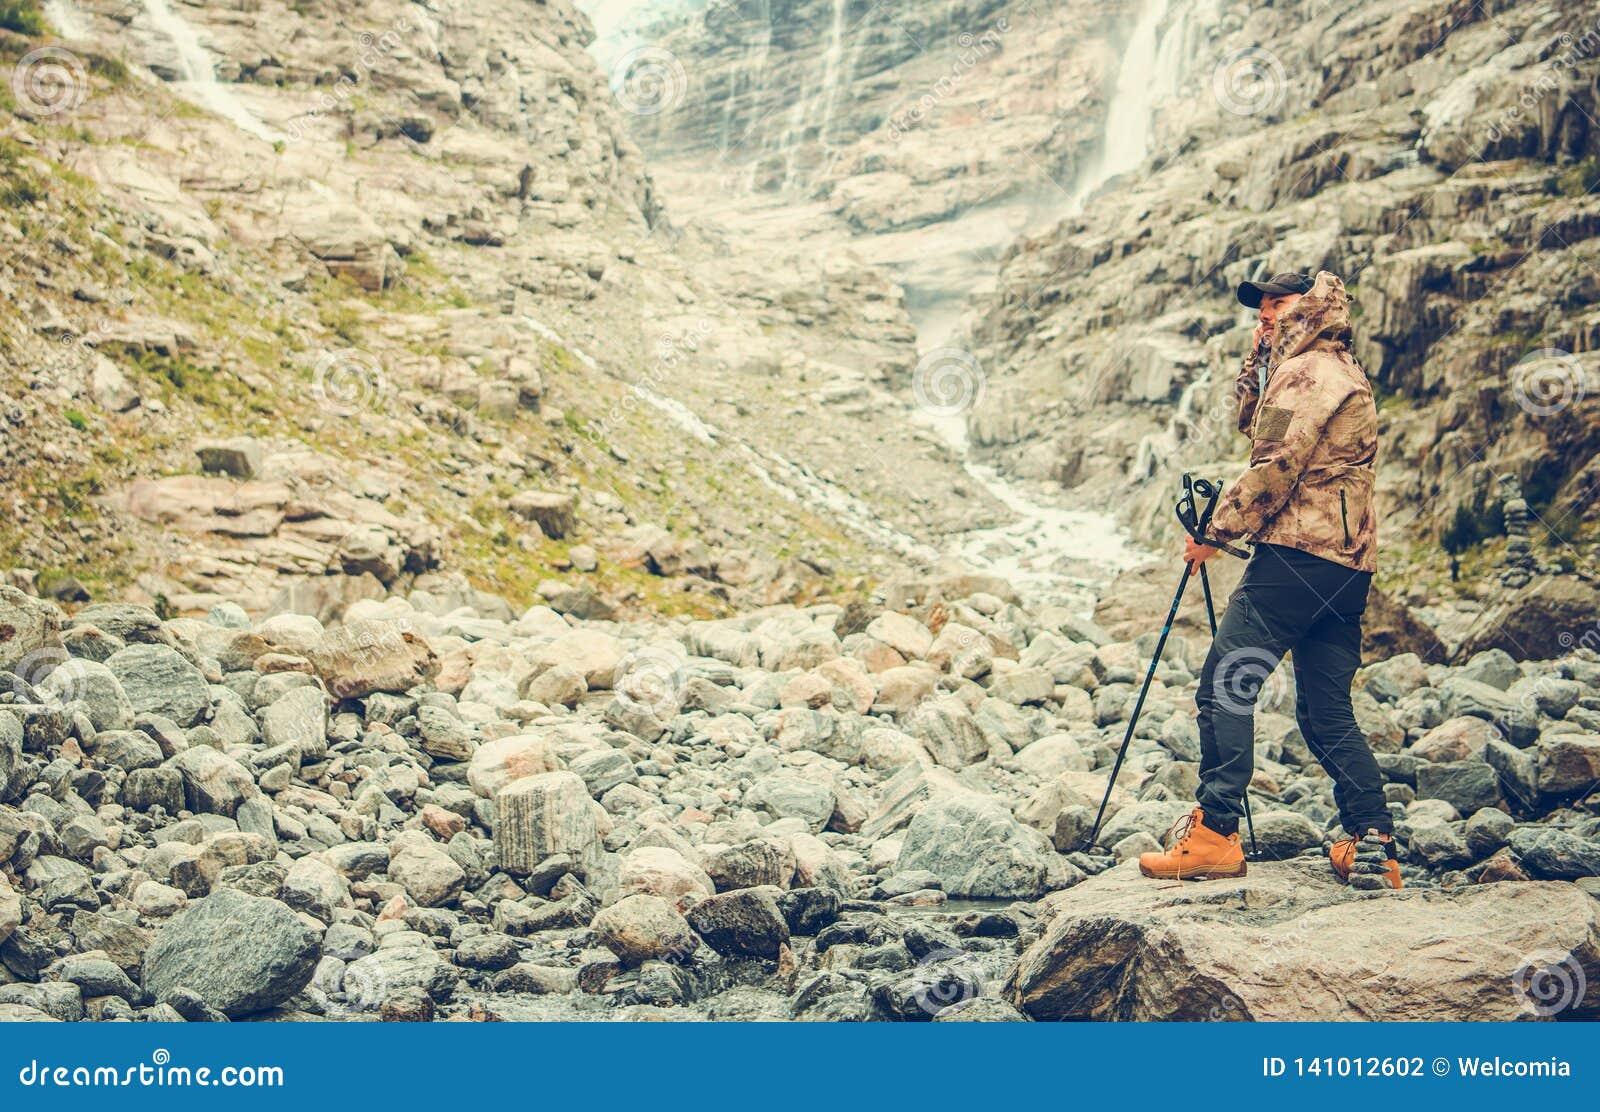 Wandelaar die van Ruw Landschap genieten